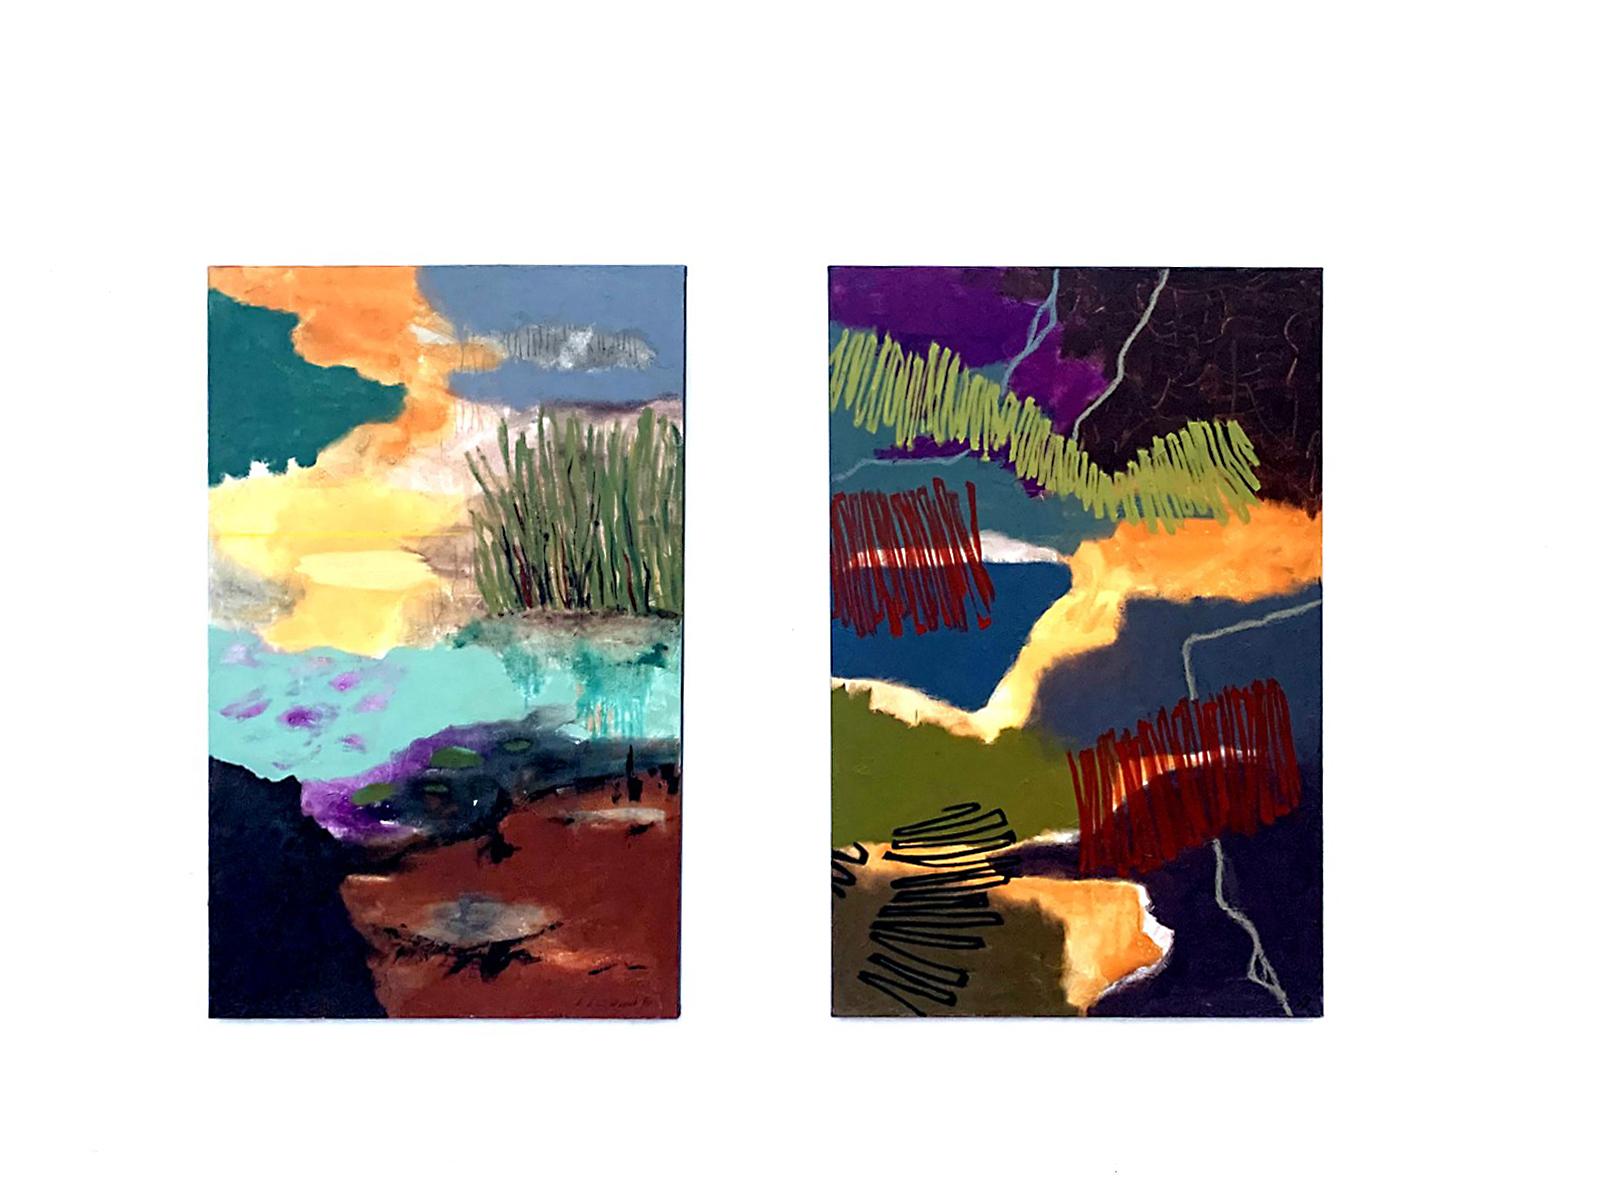 Karin Klindwort ~SEEROSEN~ Acryl. 80x120  //  ~ CONCERTO 316 ~ Acryl. 80x120